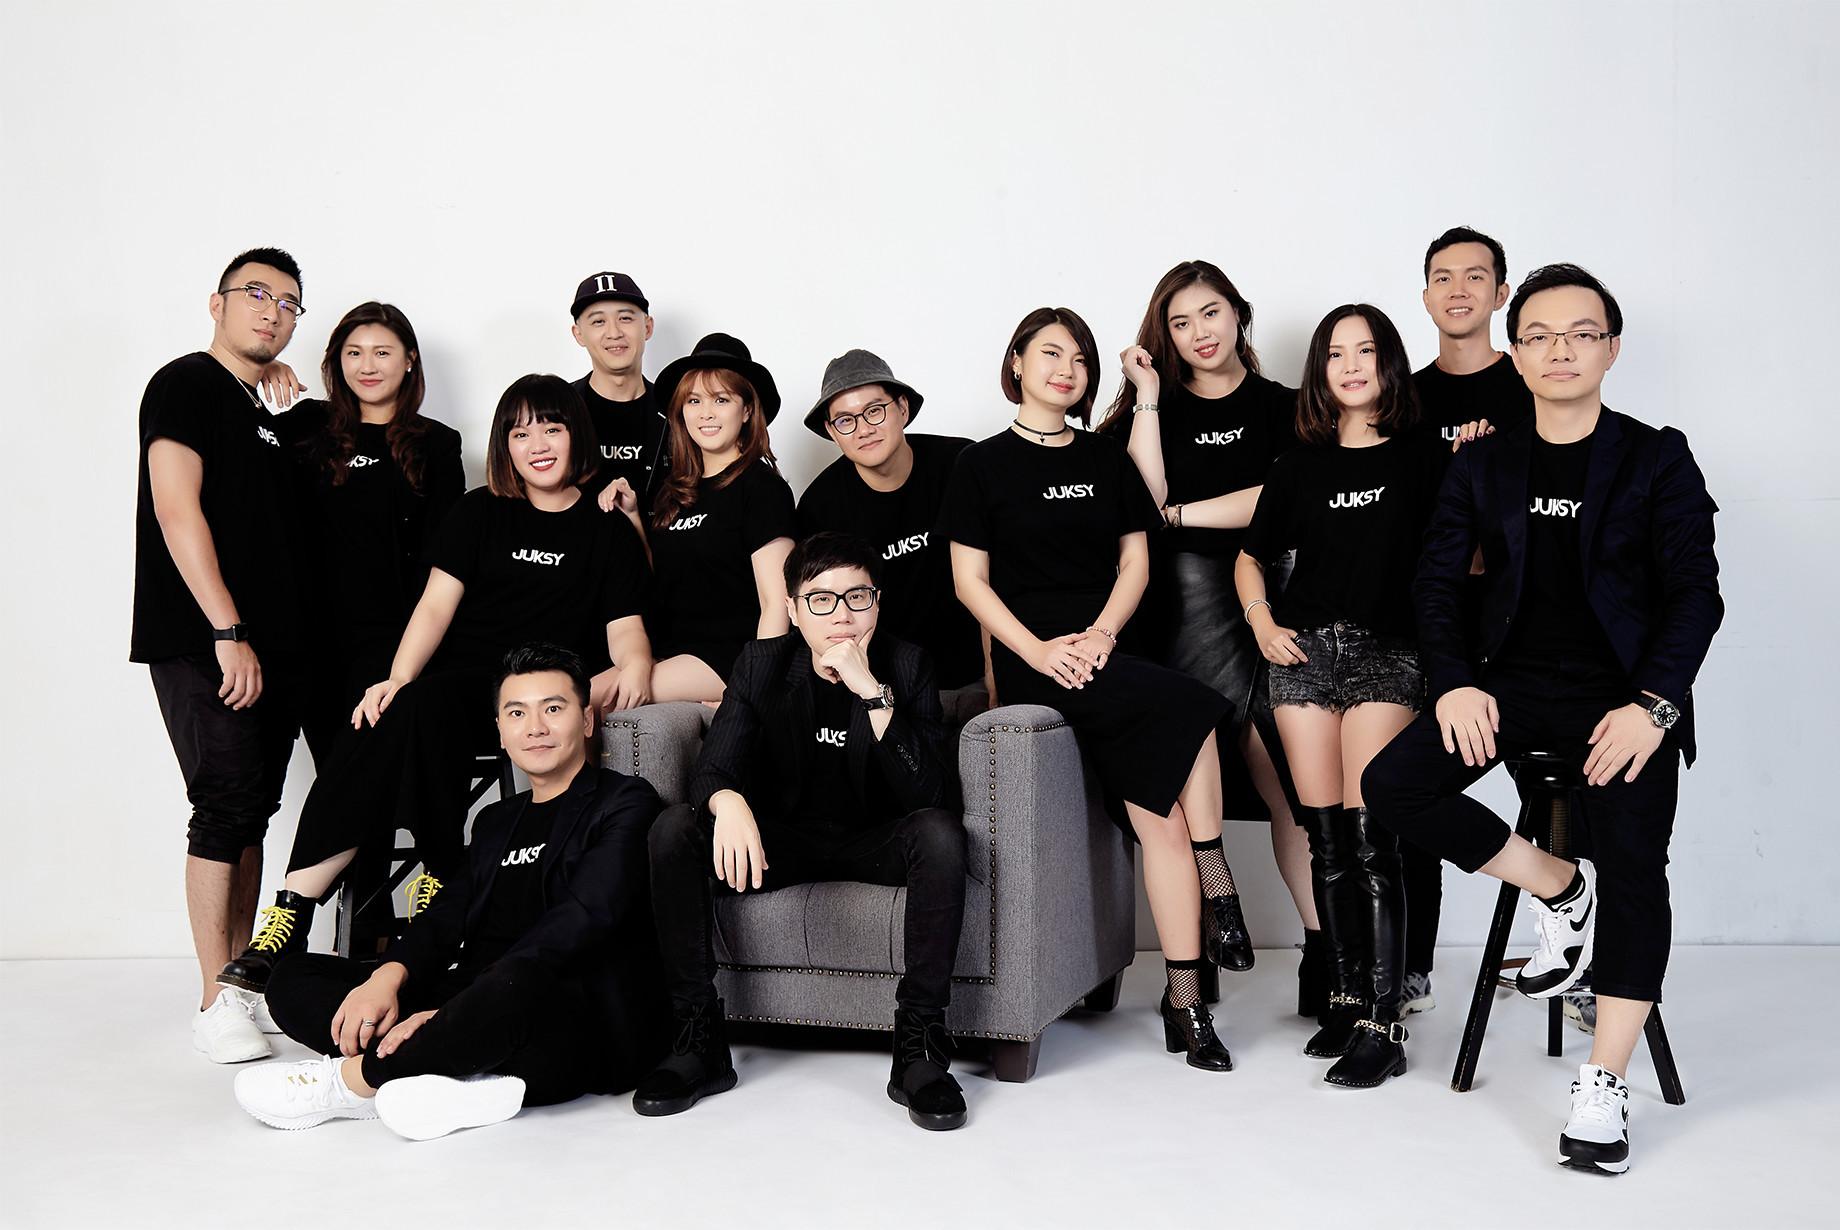 台灣自媒體協會企業報導》新媒體成功關鍵?JUKSY創辦人簡介福:所有事情都是由「人」建構起來的